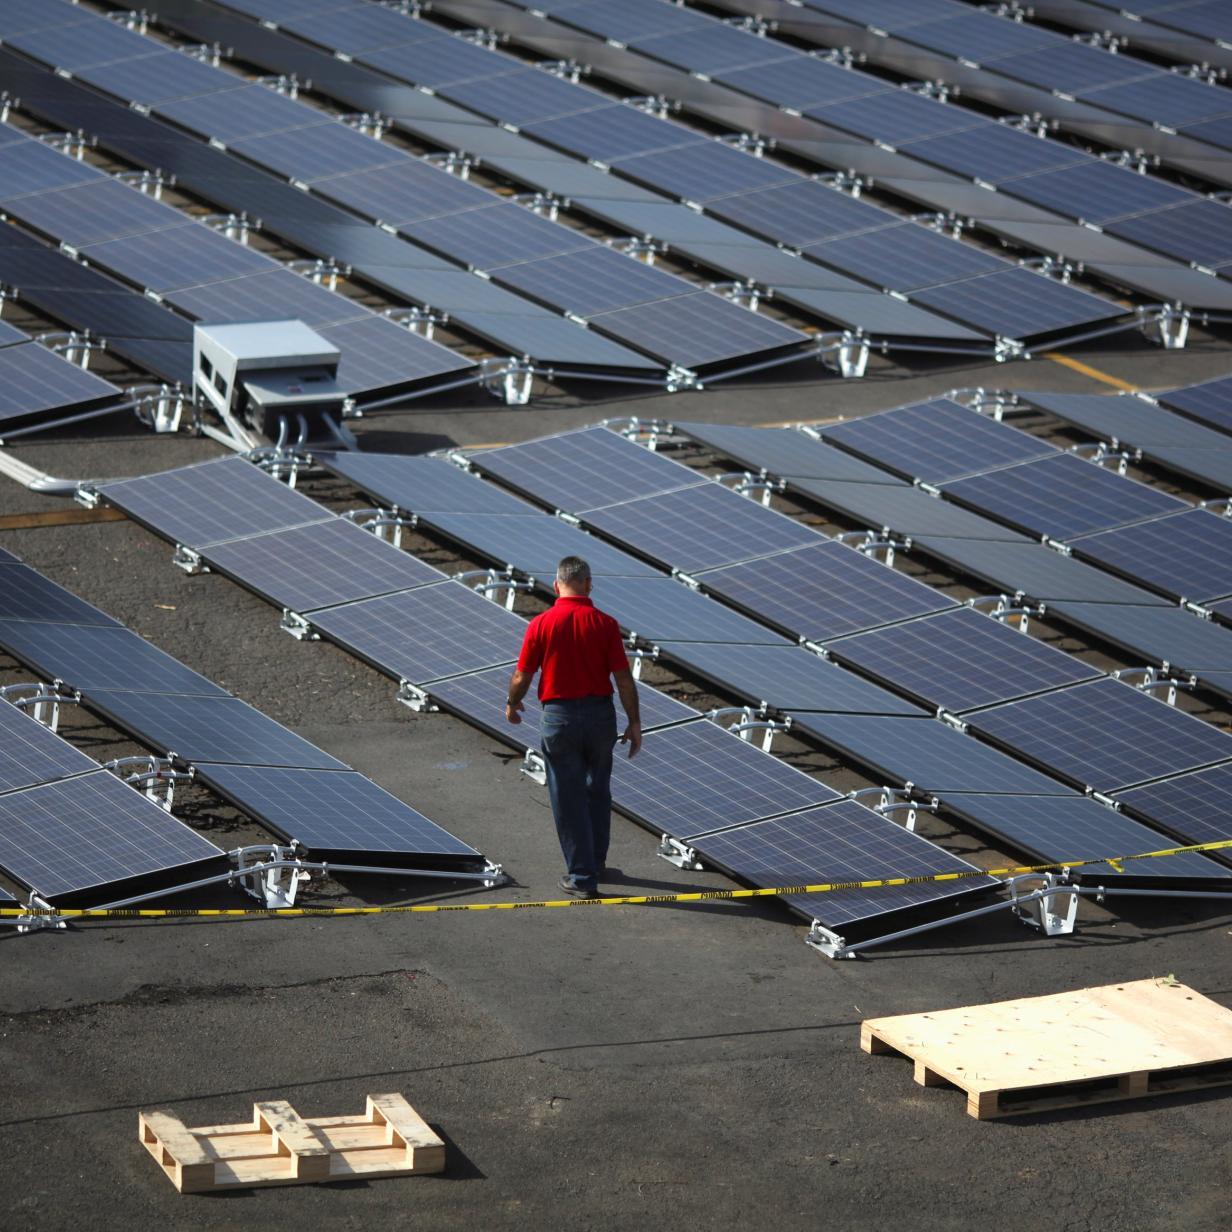 Walmart verklagt Tesla wegen brennender Solarpaneele